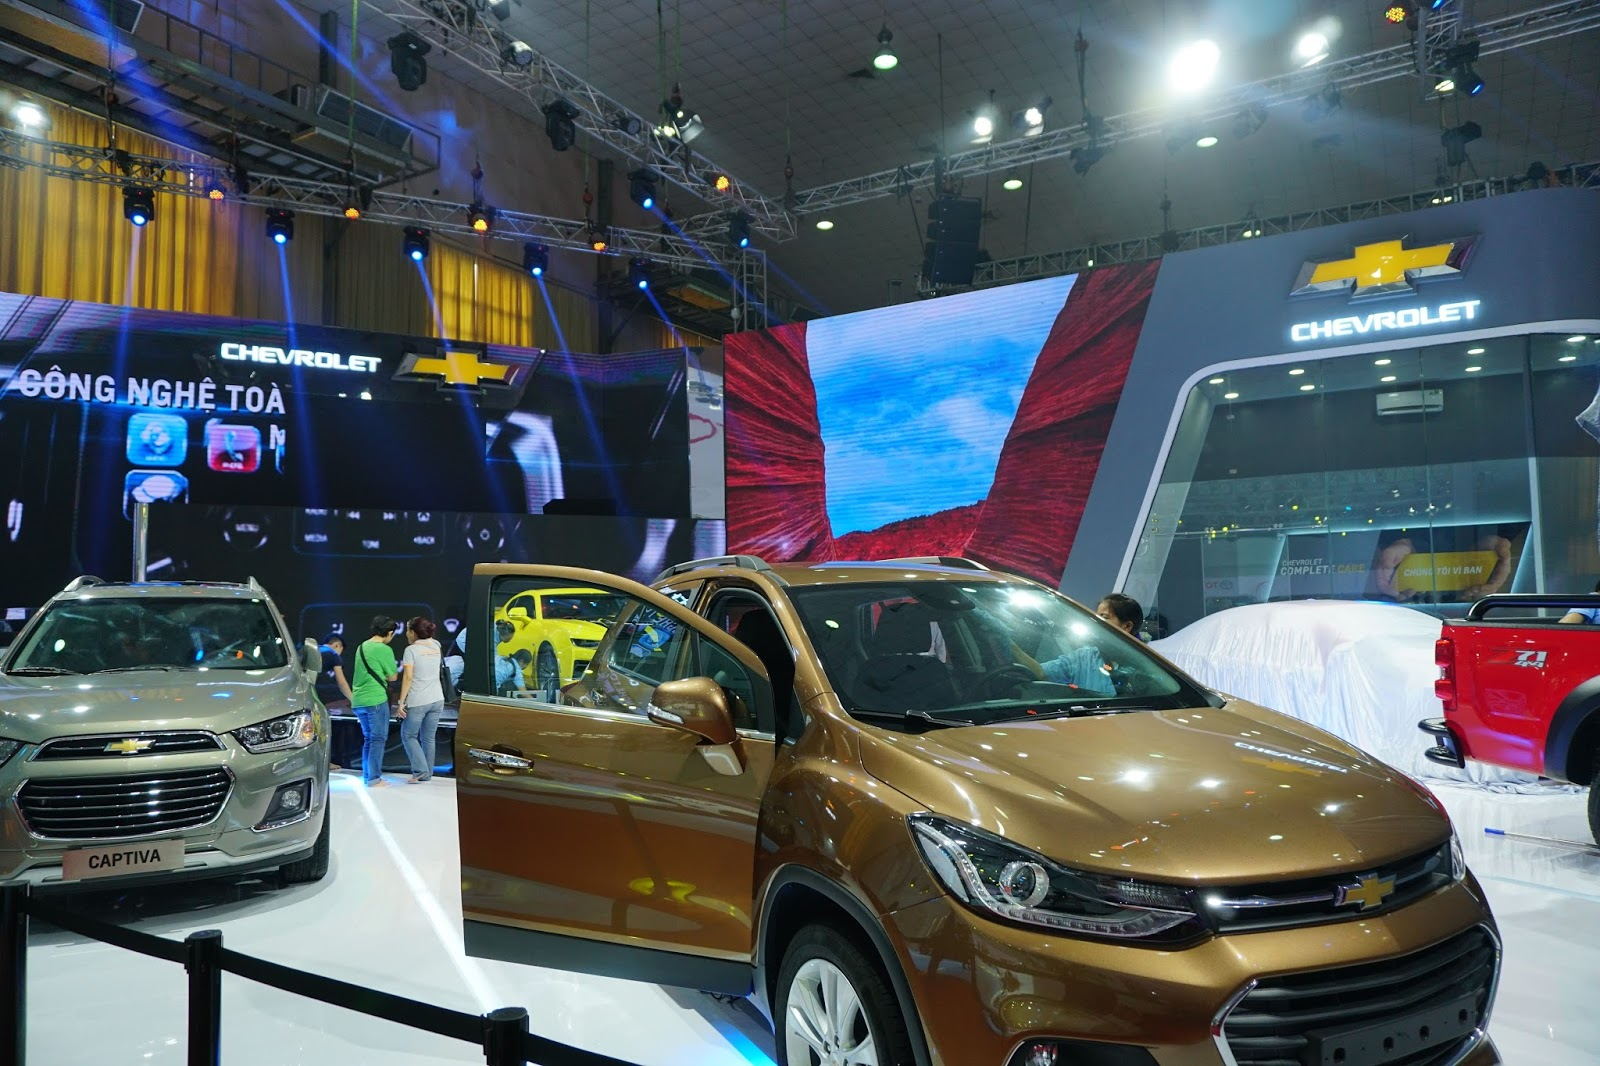 Gian hàng của Chevrolet với Trax và Colorado phiên bản mới